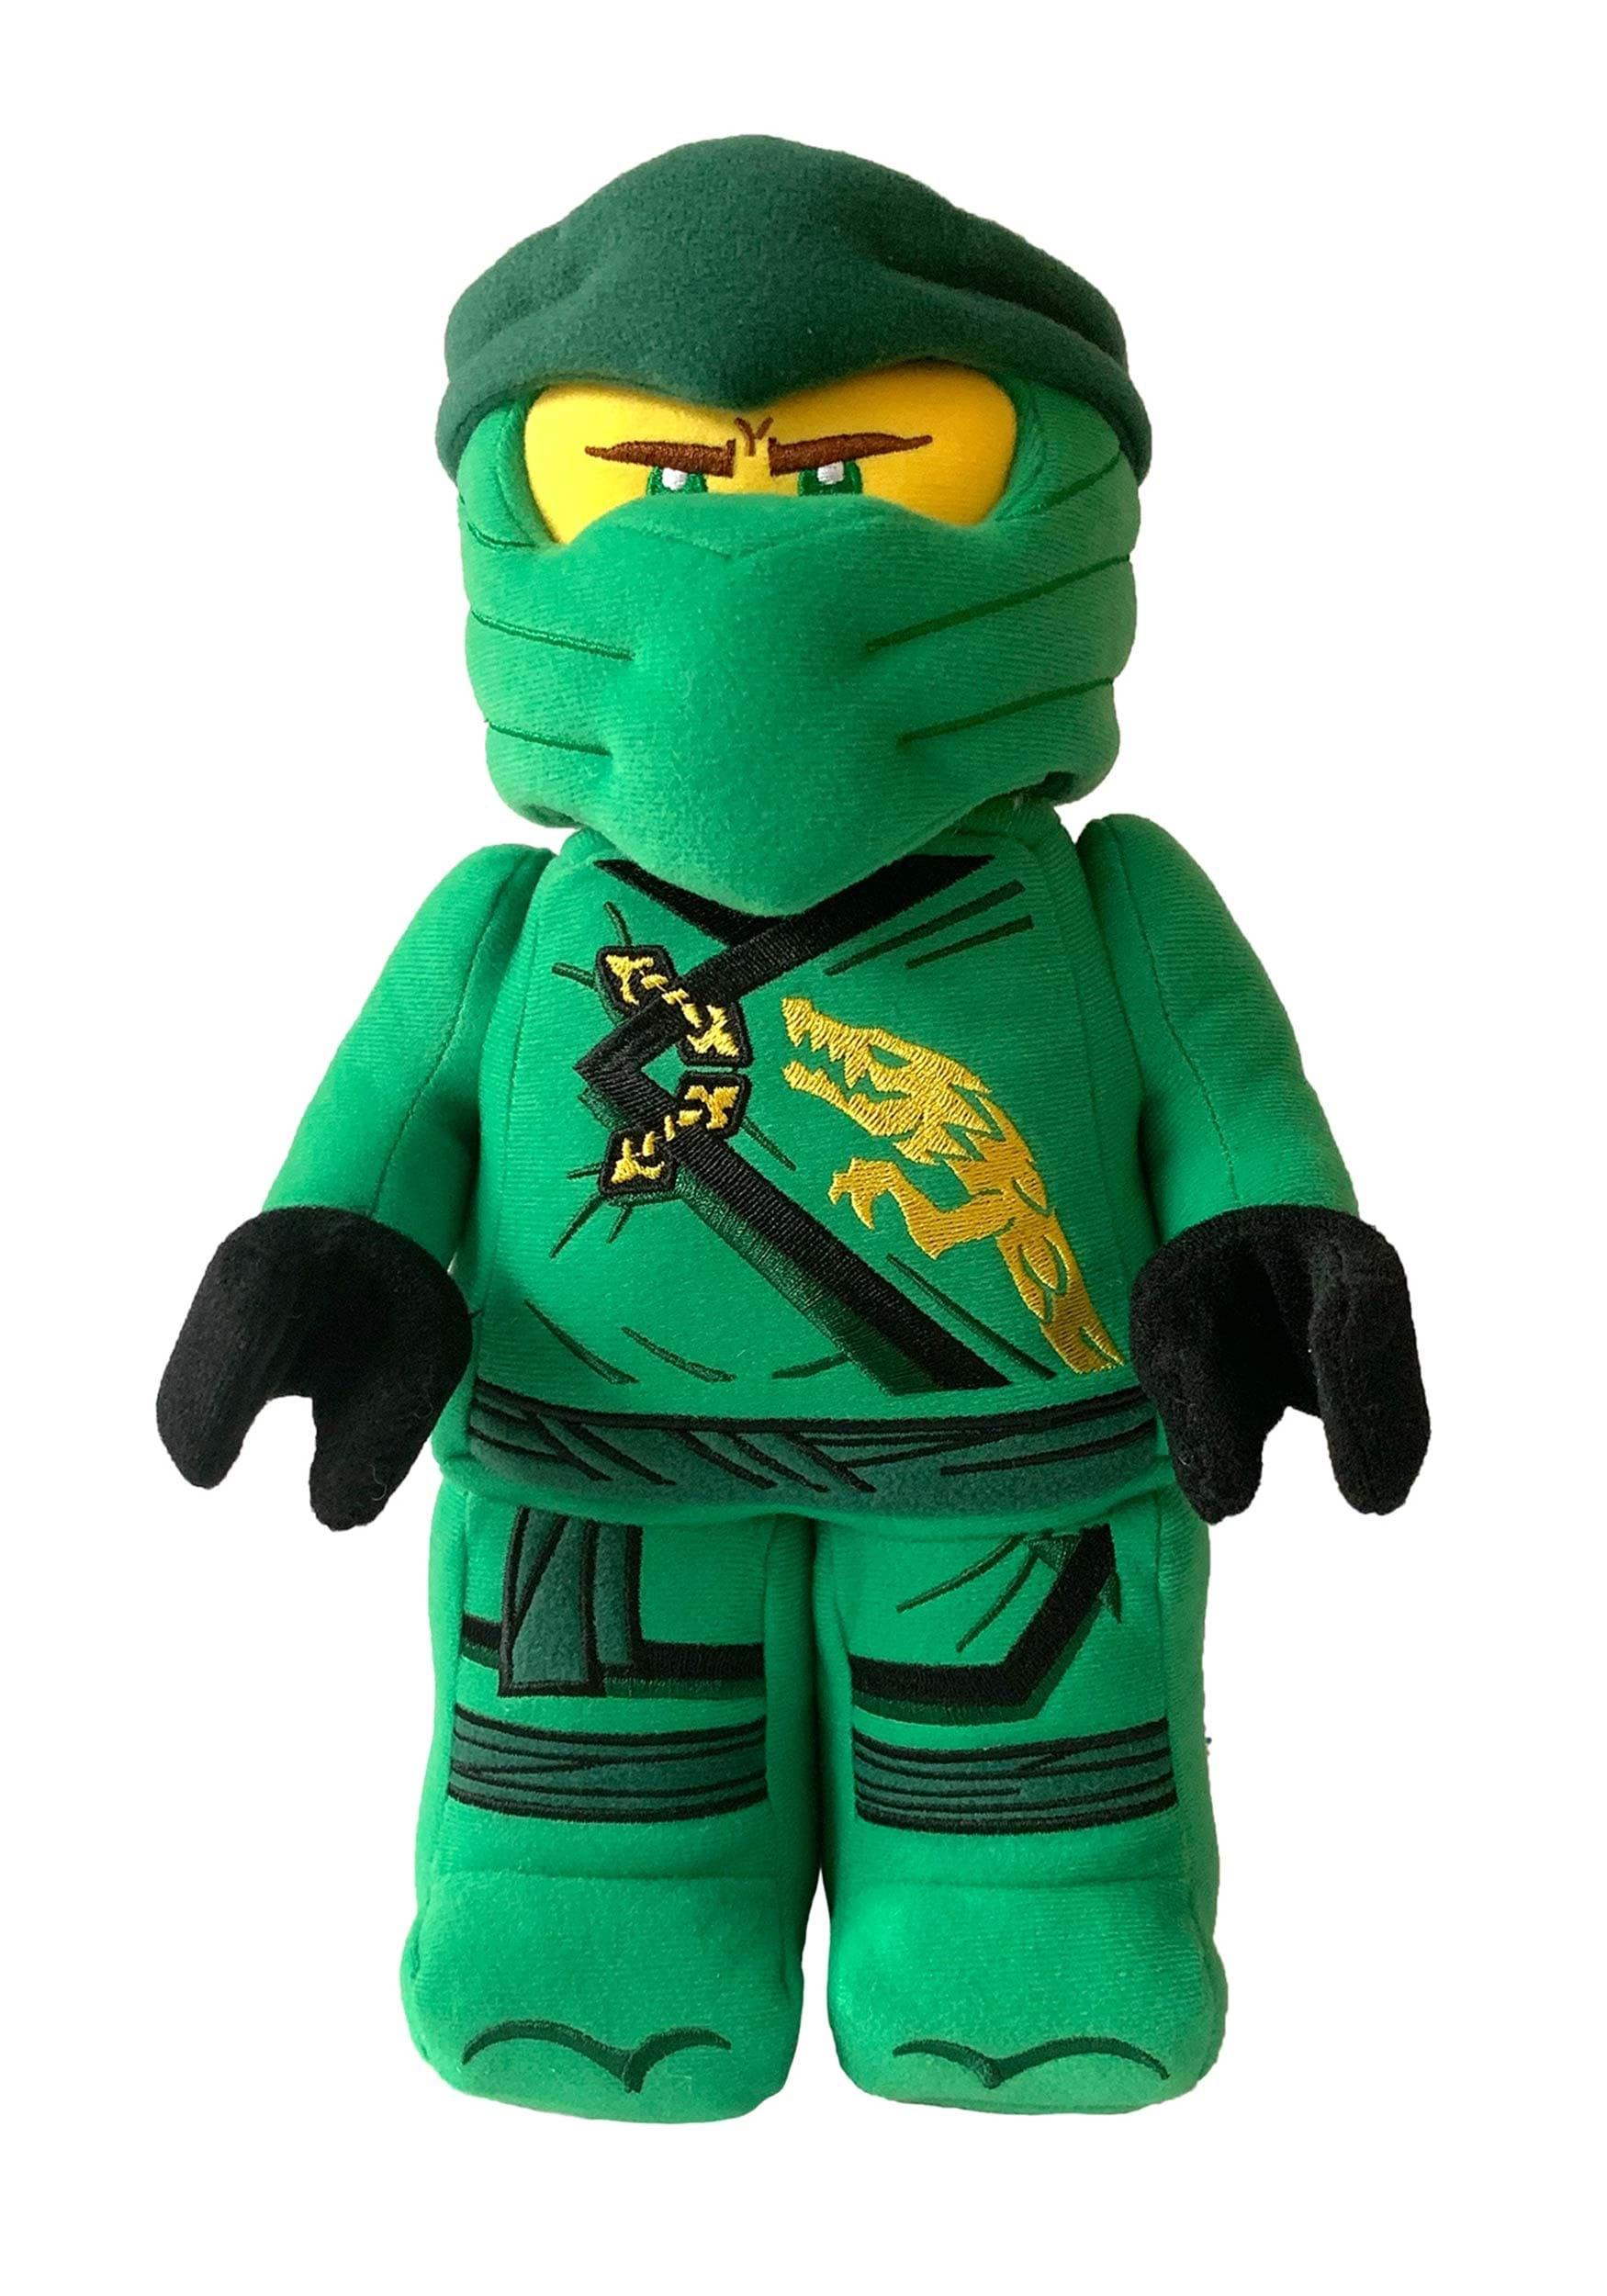 Stuffed Ninjago LEGO Lloyd